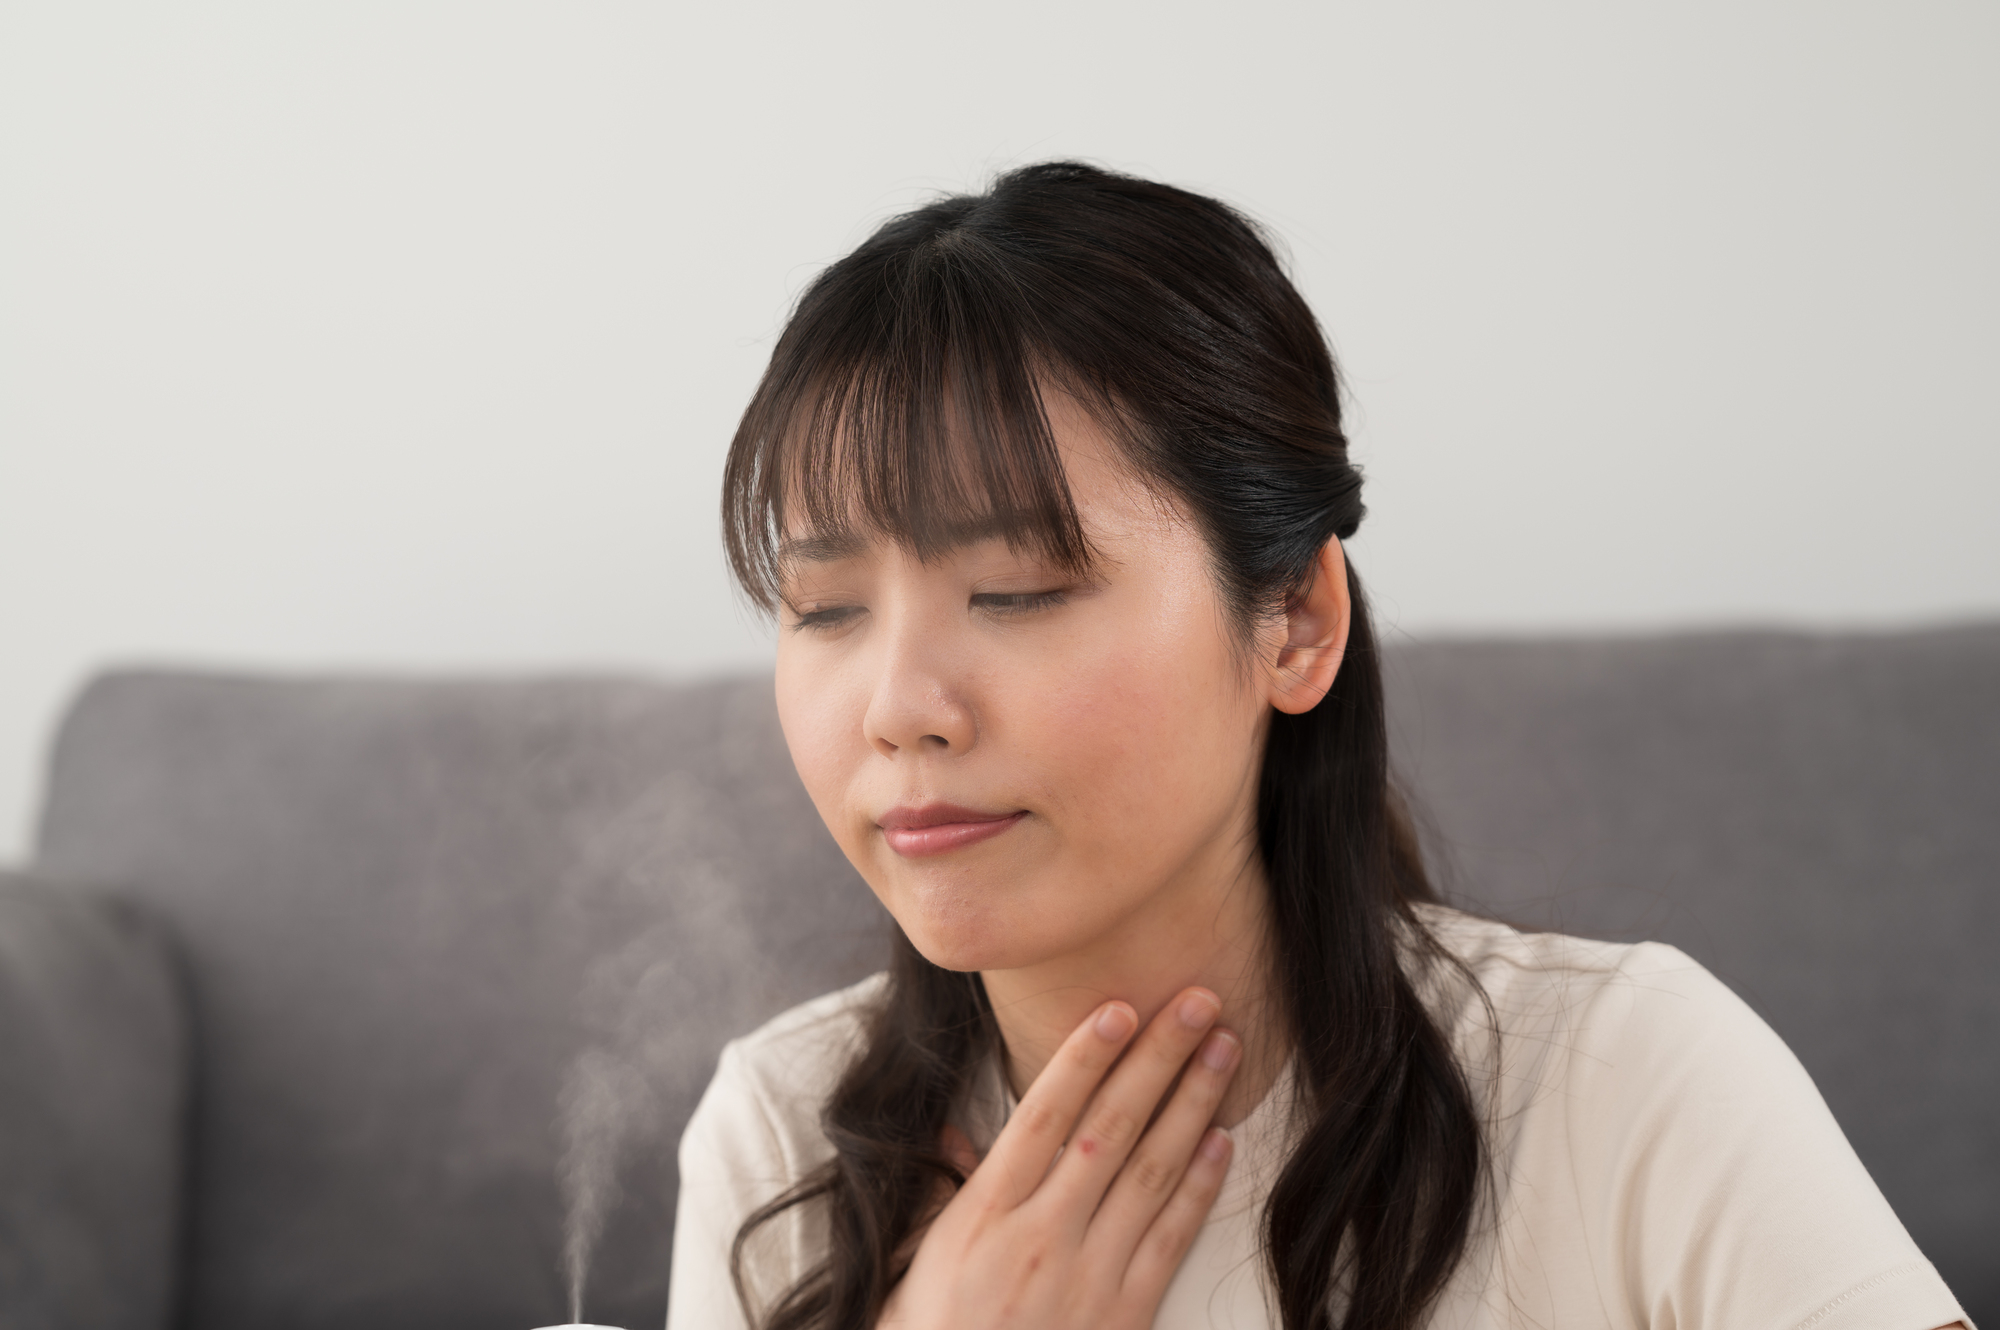 副鼻腔炎で現れる痰